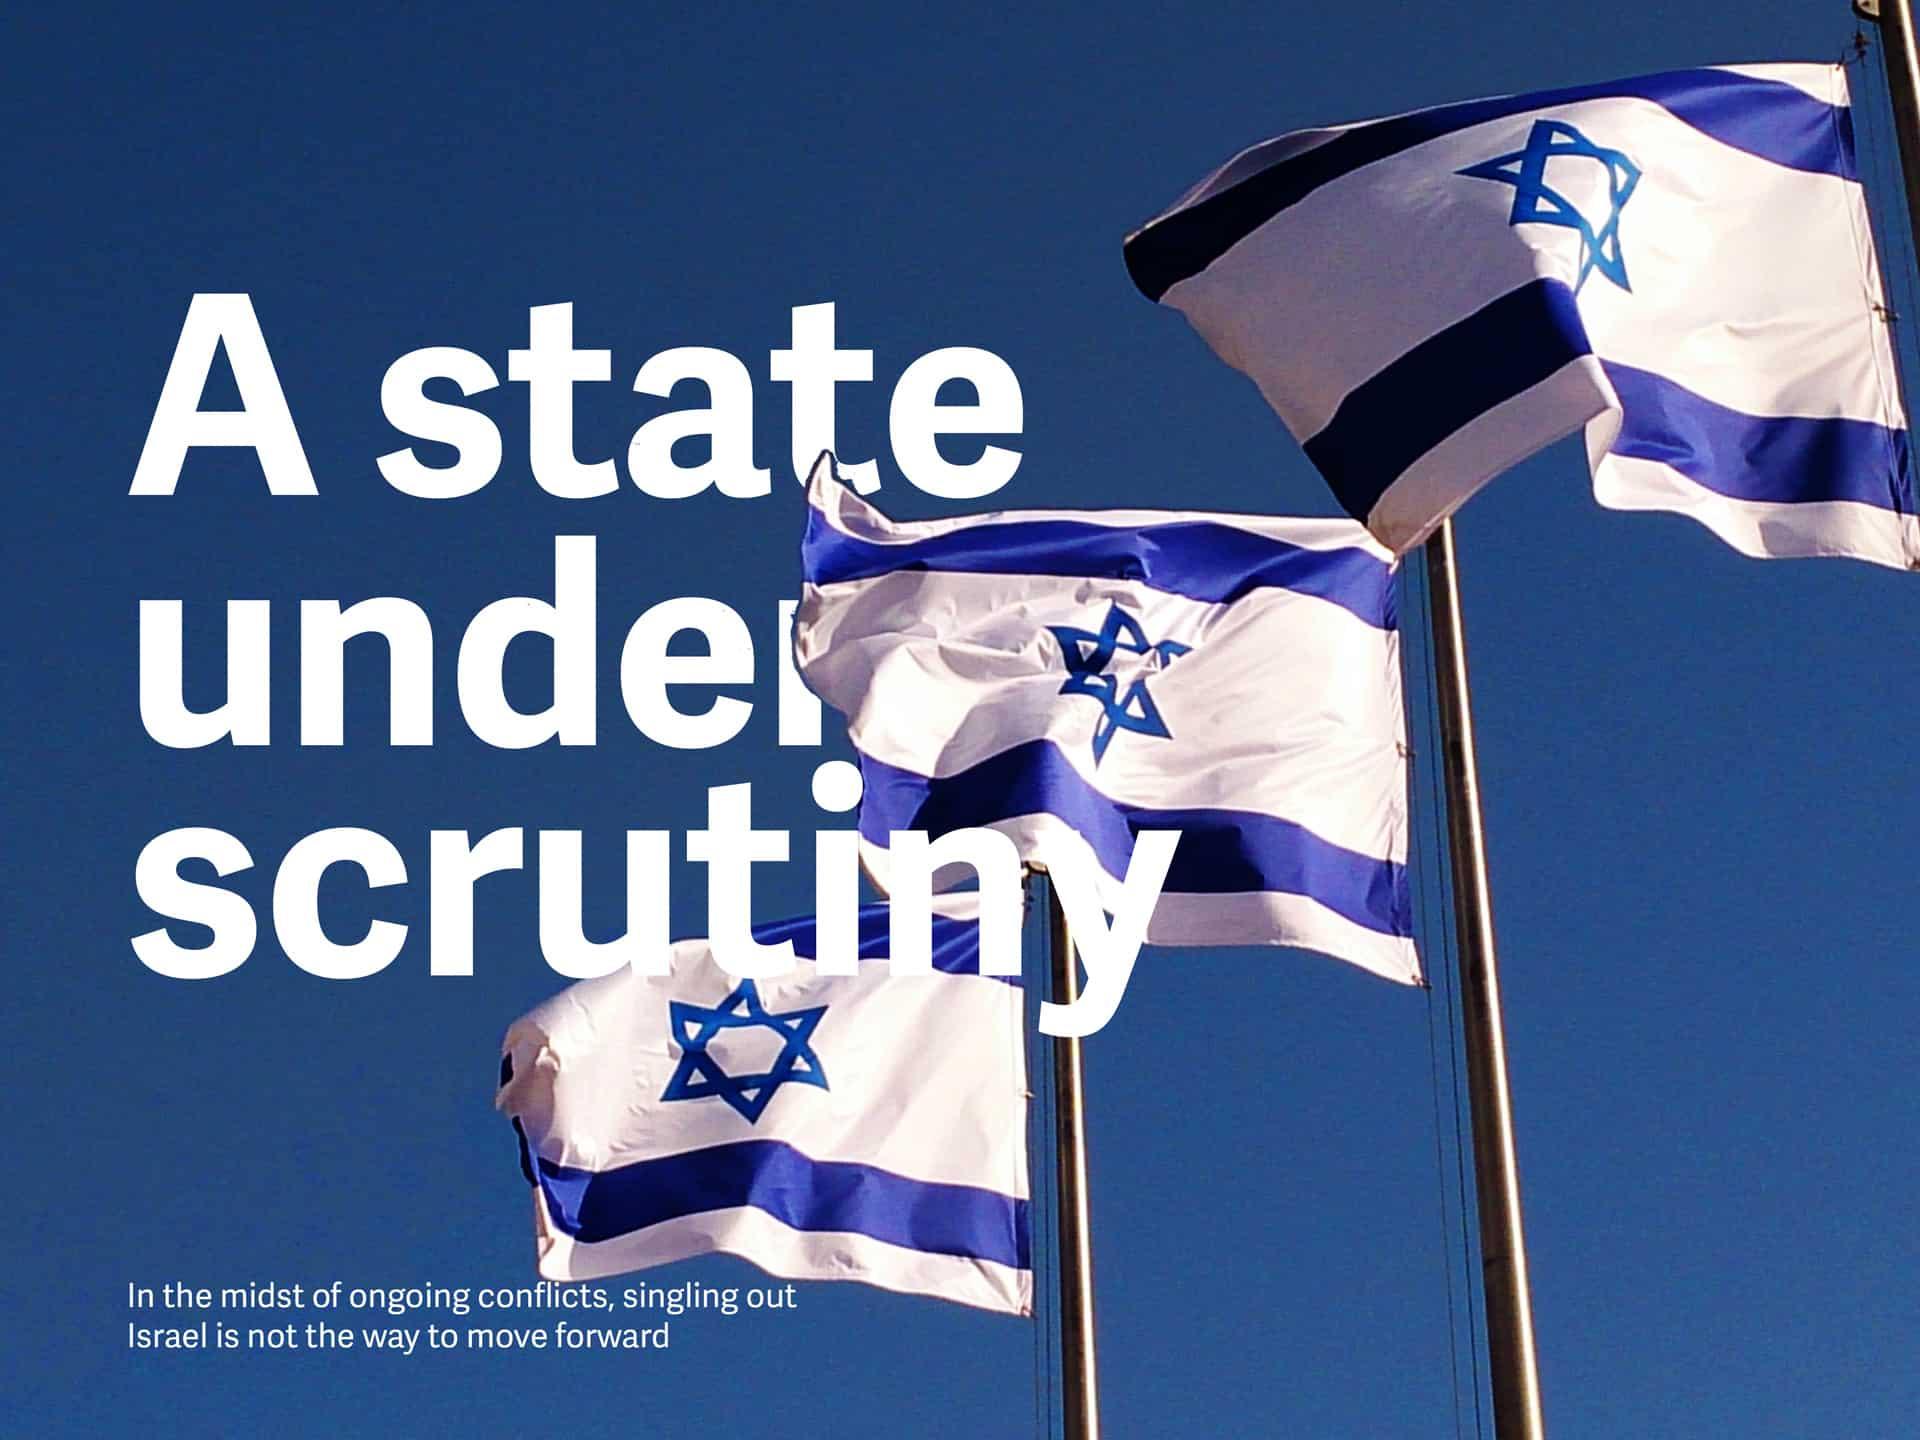 A state under scrutiny